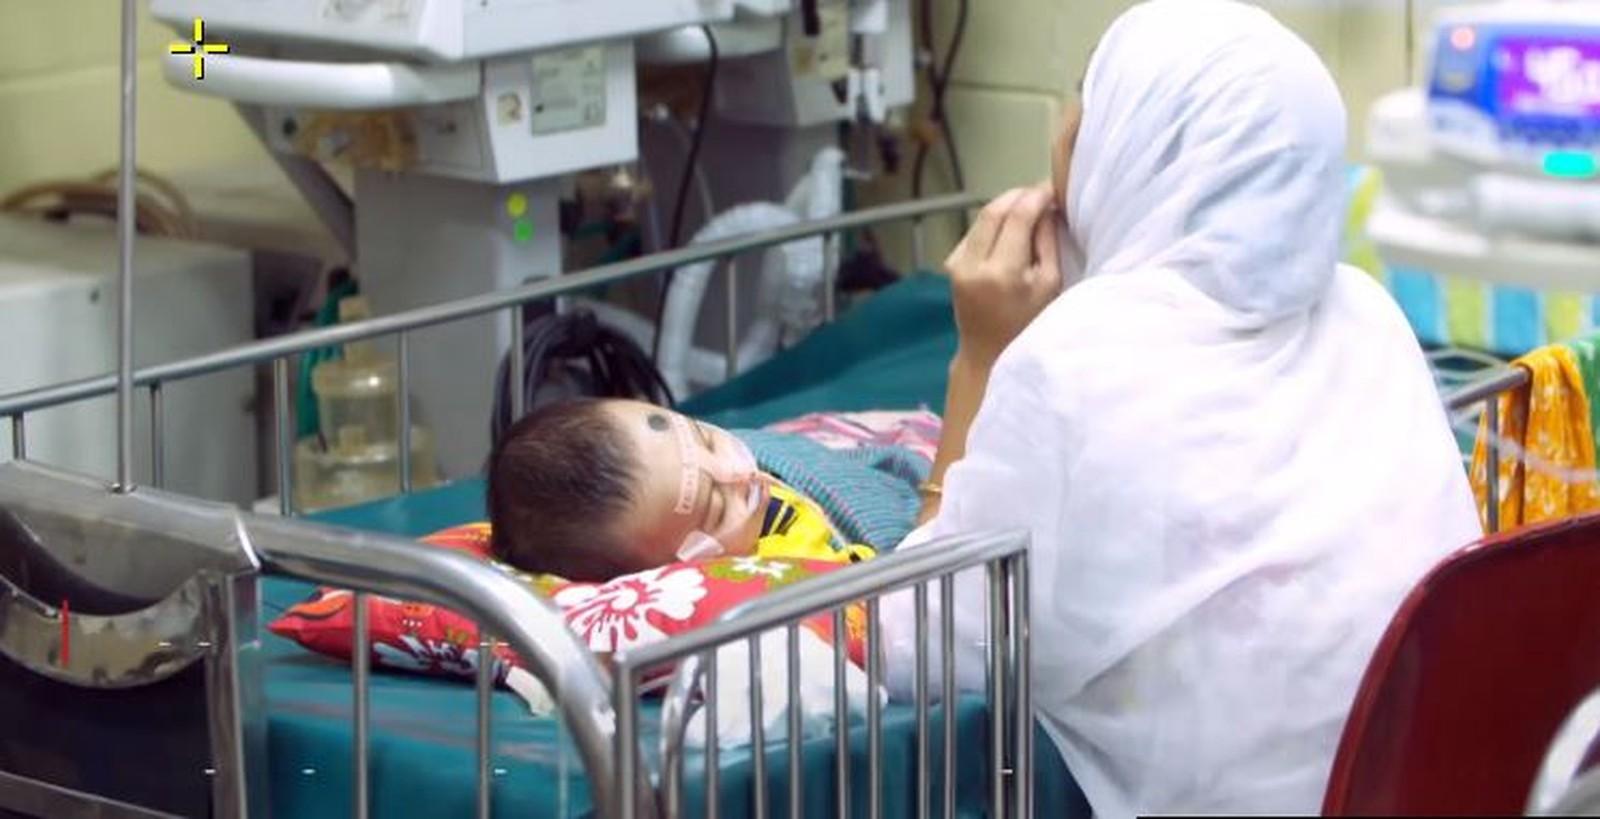 Pneumonia faz os pulmões do bebê pararem de absorver oxigênio (Foto: Reprodução/BBC)